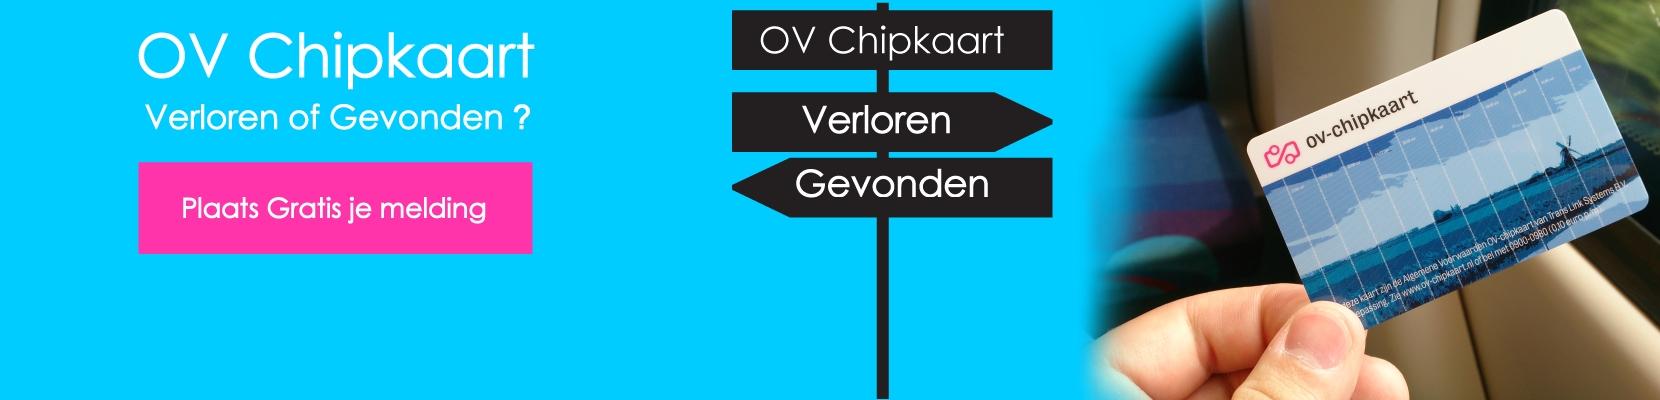 SL1_OV Chipkaart Kwijt.jpg